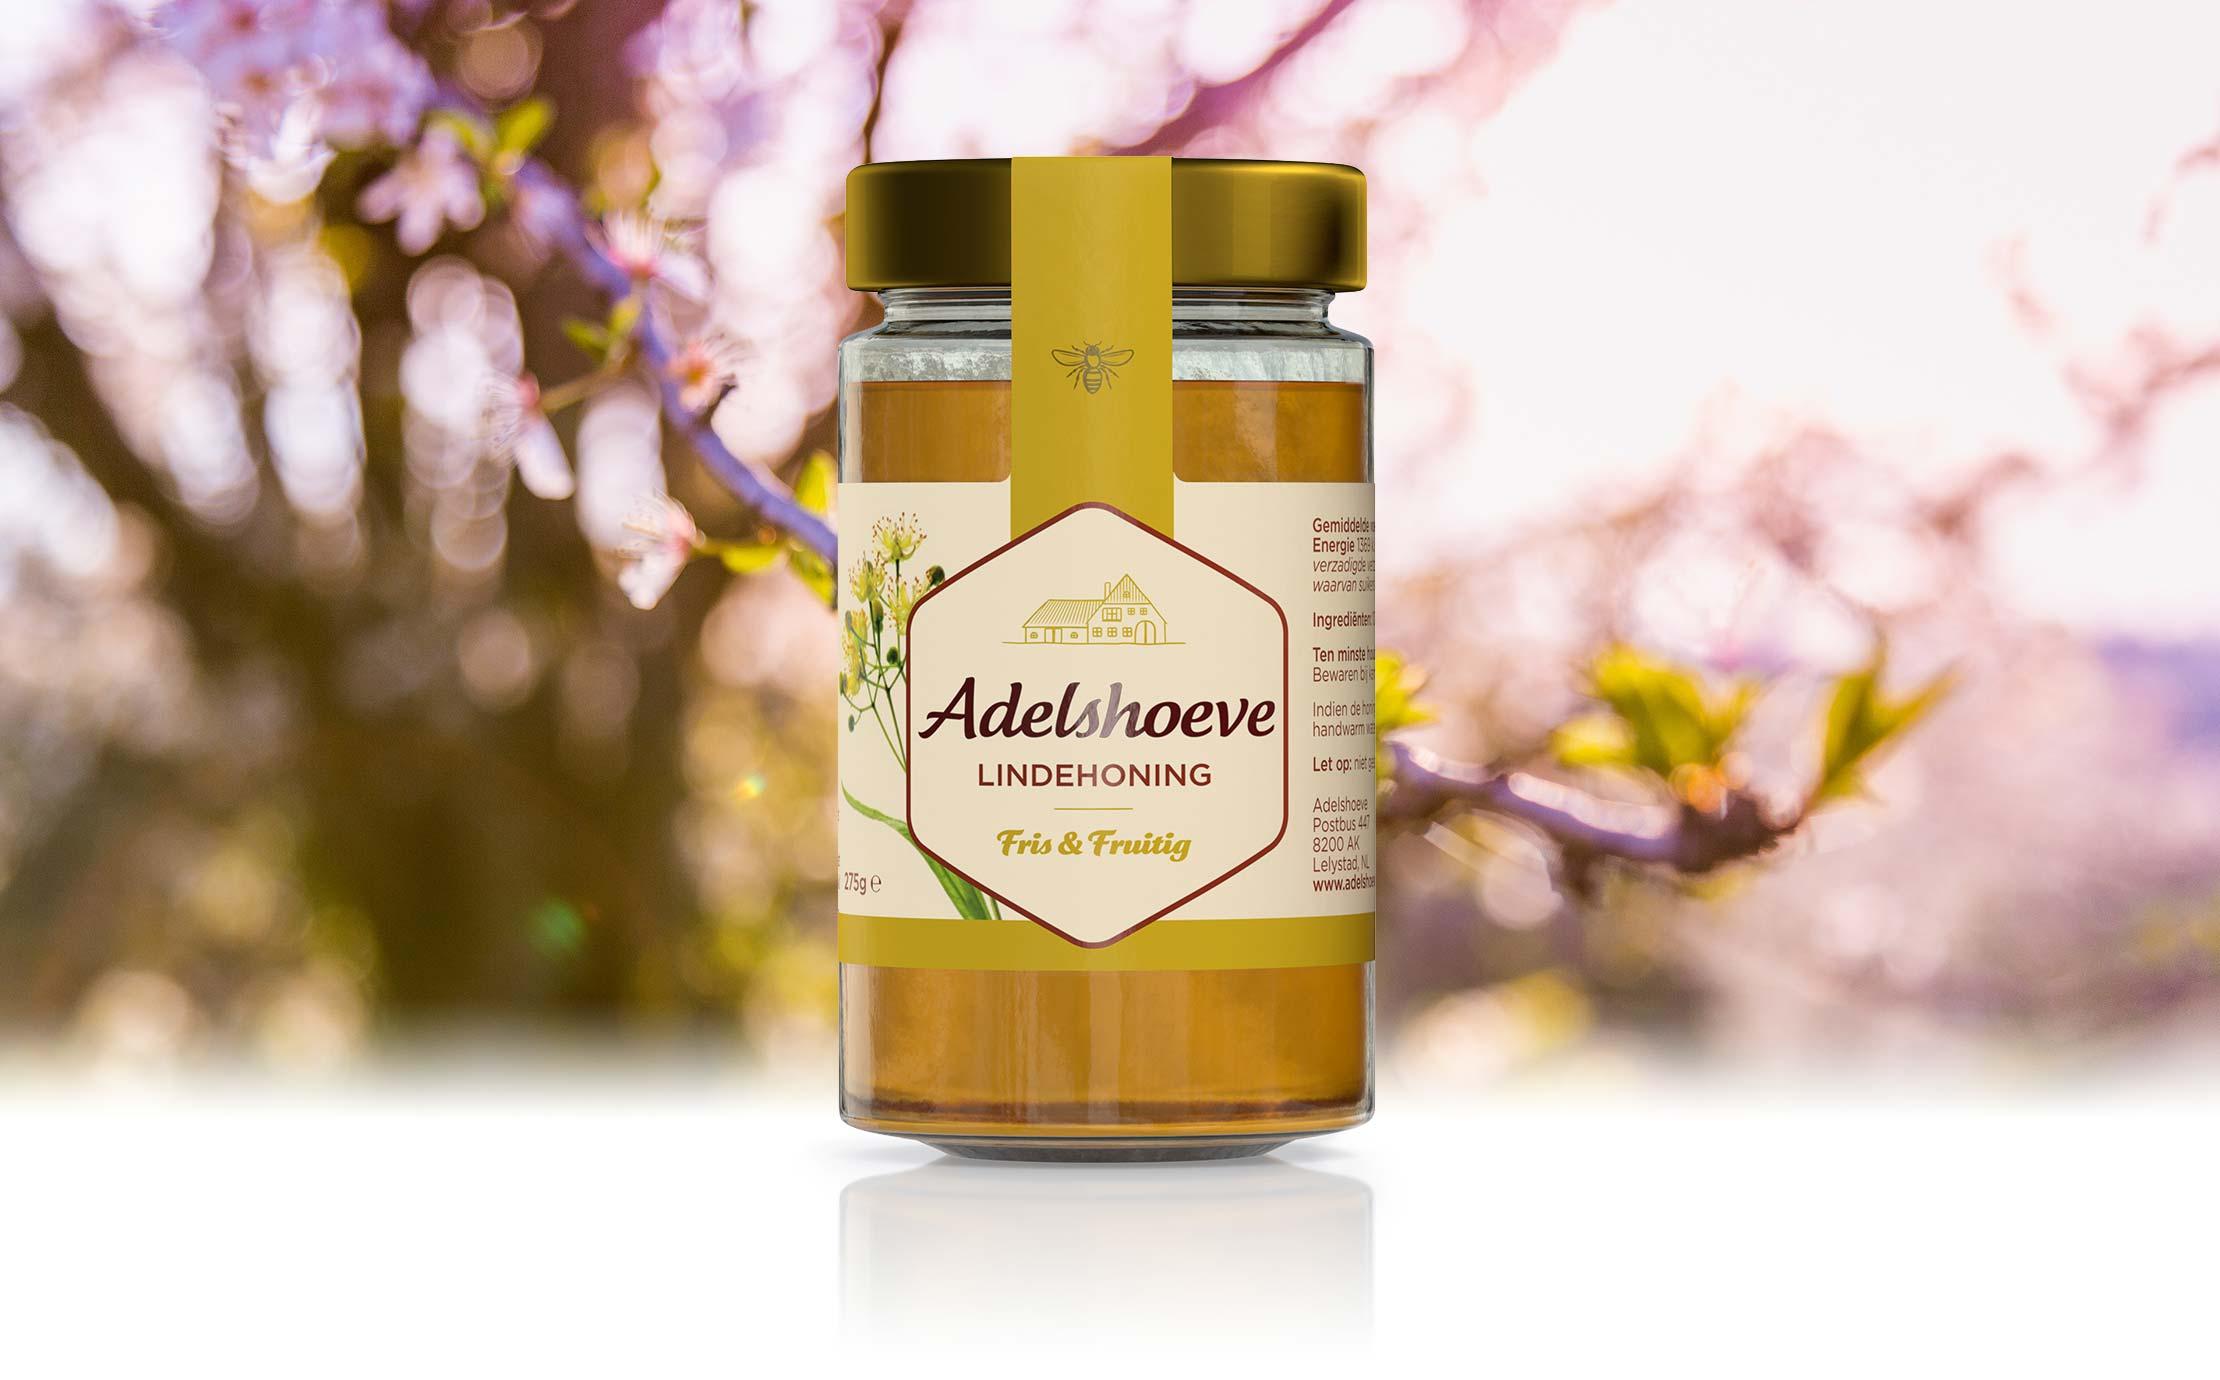 Adelshoeve honing